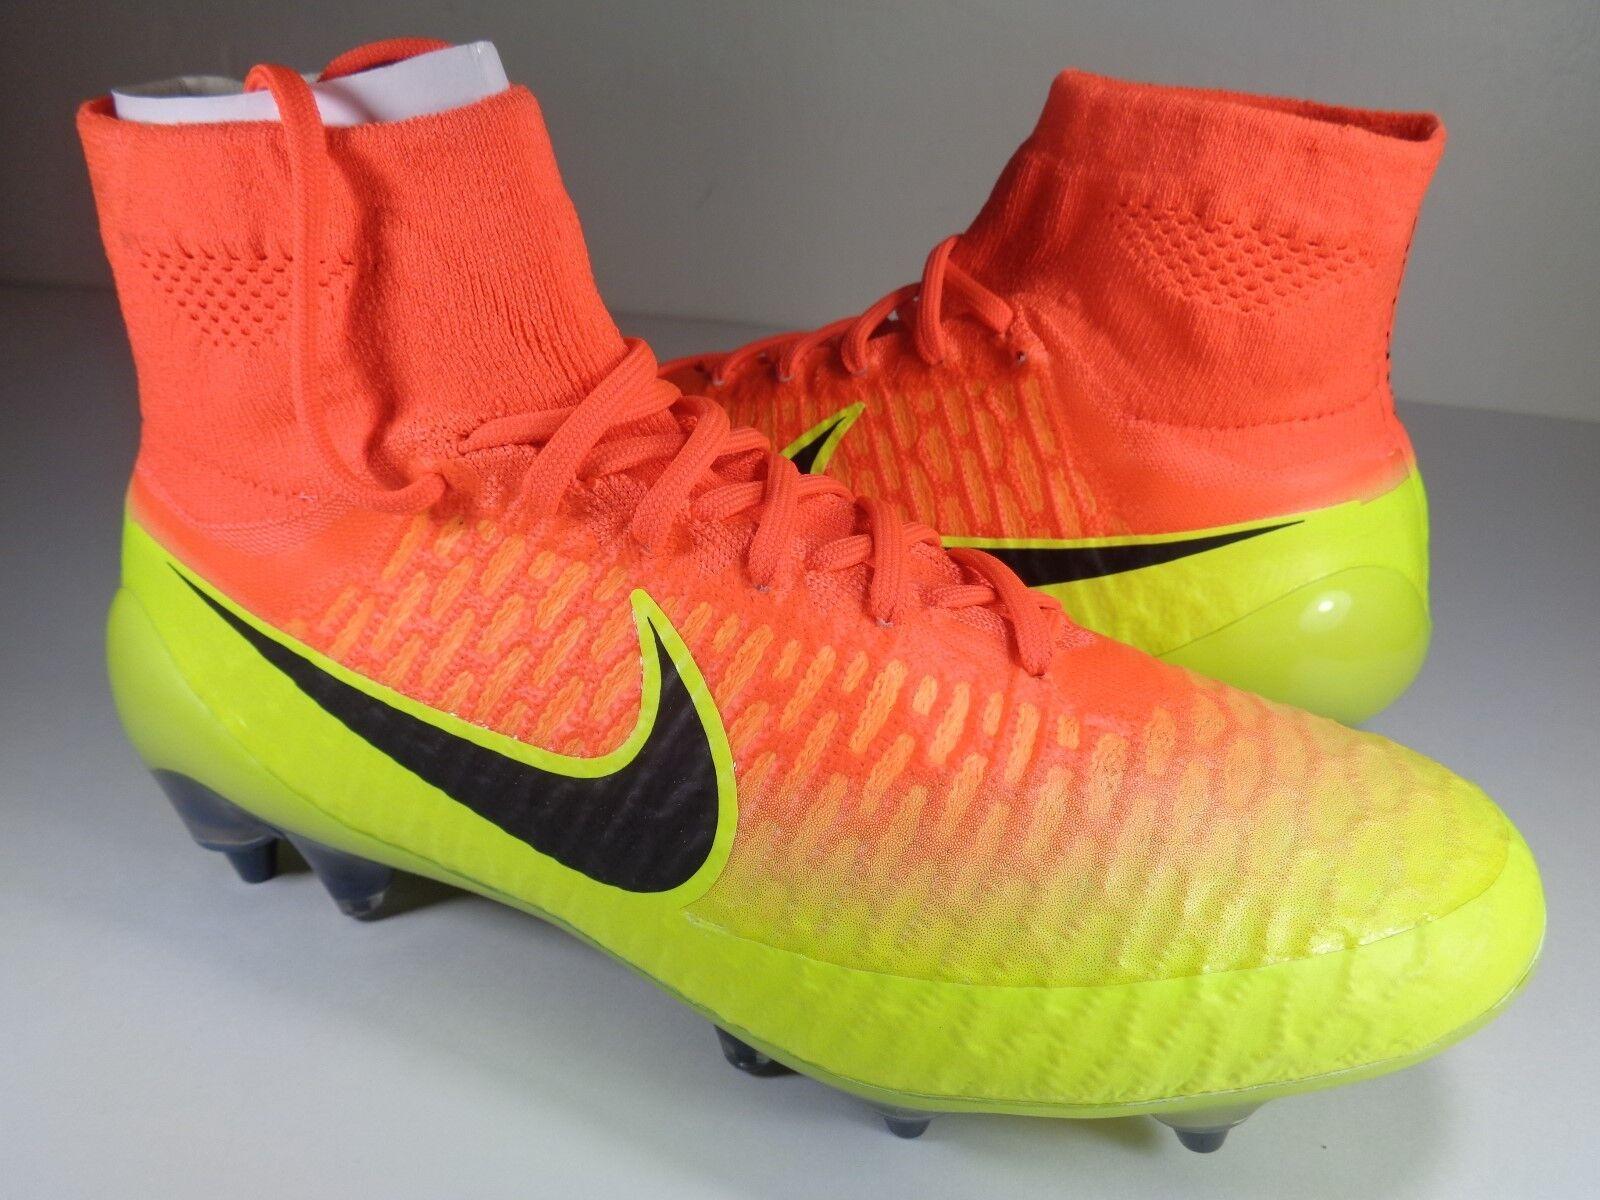 Nike Magista Obra SG-PRO FG Soccer Cleats 7.5 Crimson noir Volt SZ 7.5 Cleats (641325-807) 8958ad